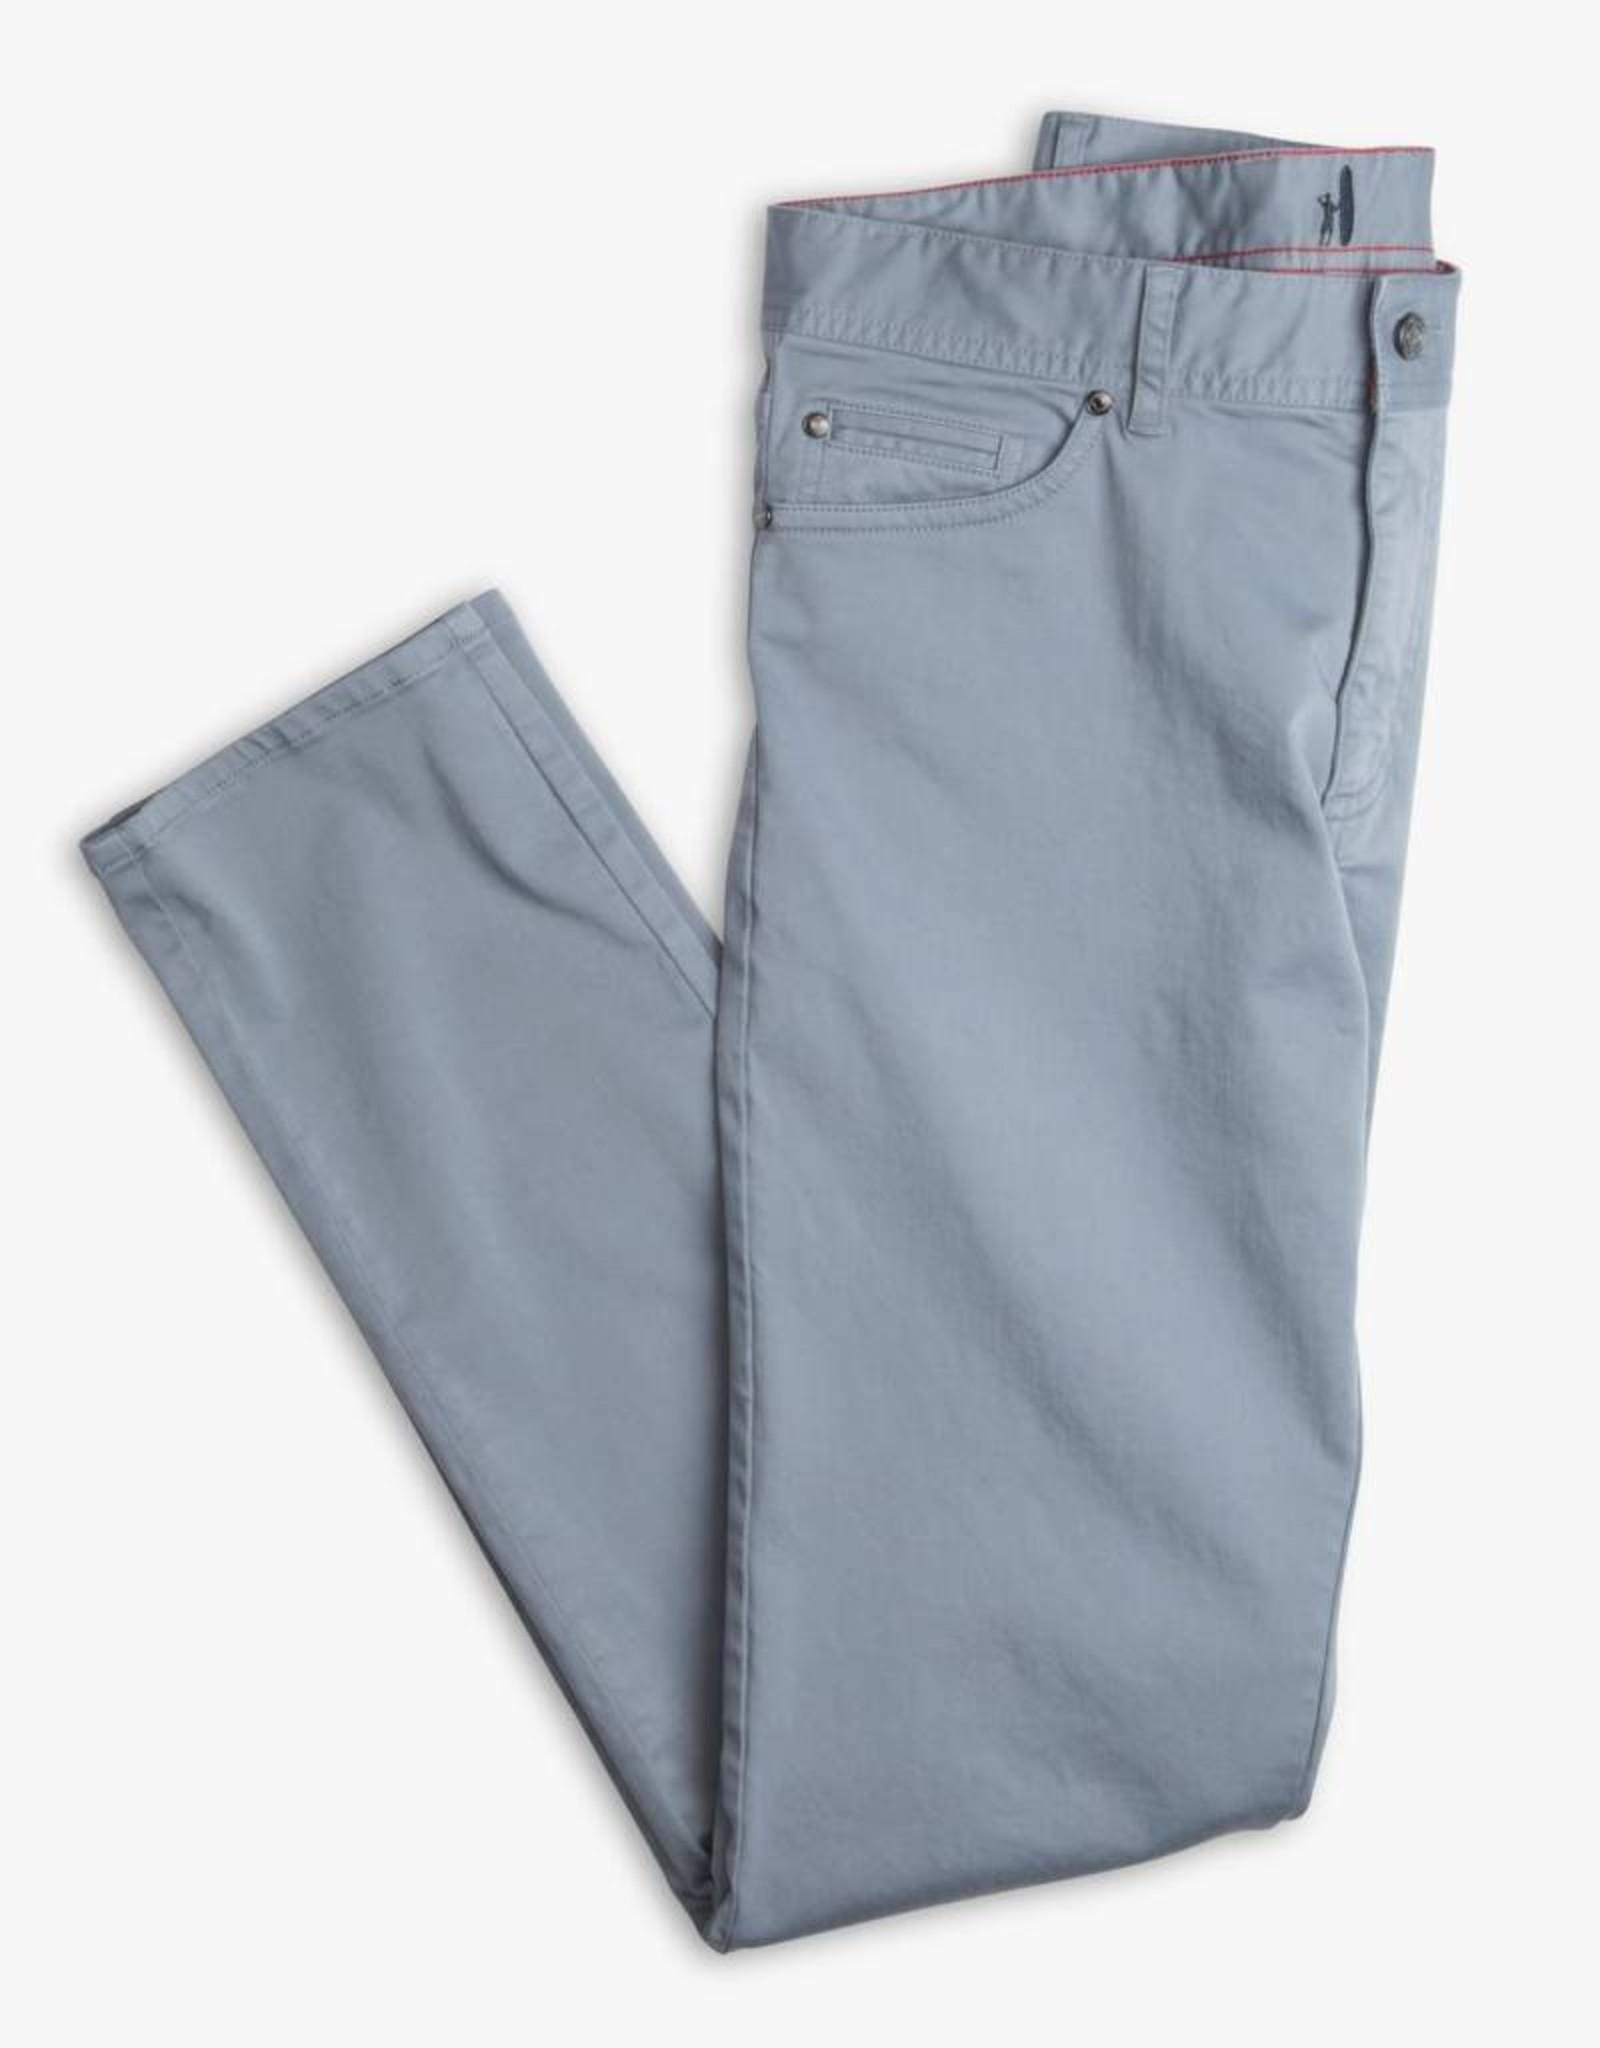 Johnnie-O Sawyer Stretch 6-Pocket Pant